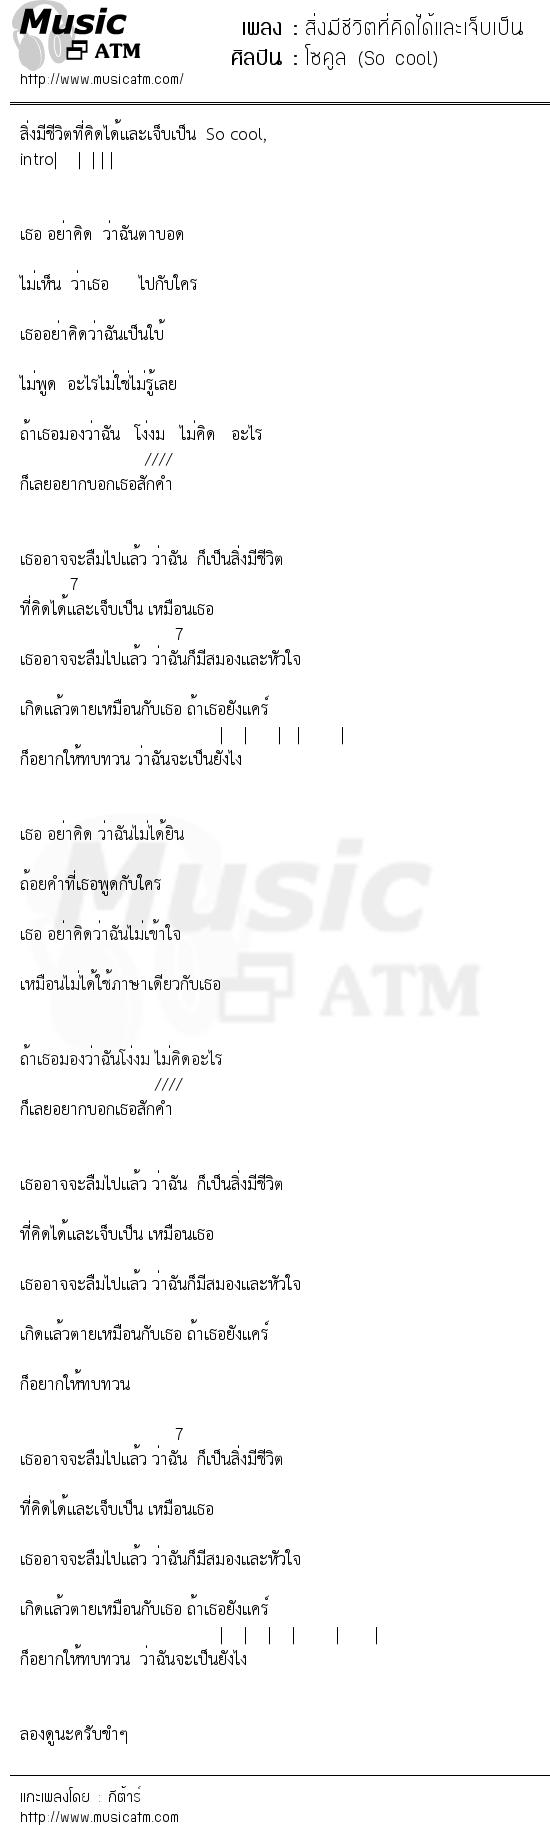 เนื้อเพลง สิ่งมีชีวิตที่คิดได้และเจ็บเป็น - โซคูล (So cool) | เพลงไทย